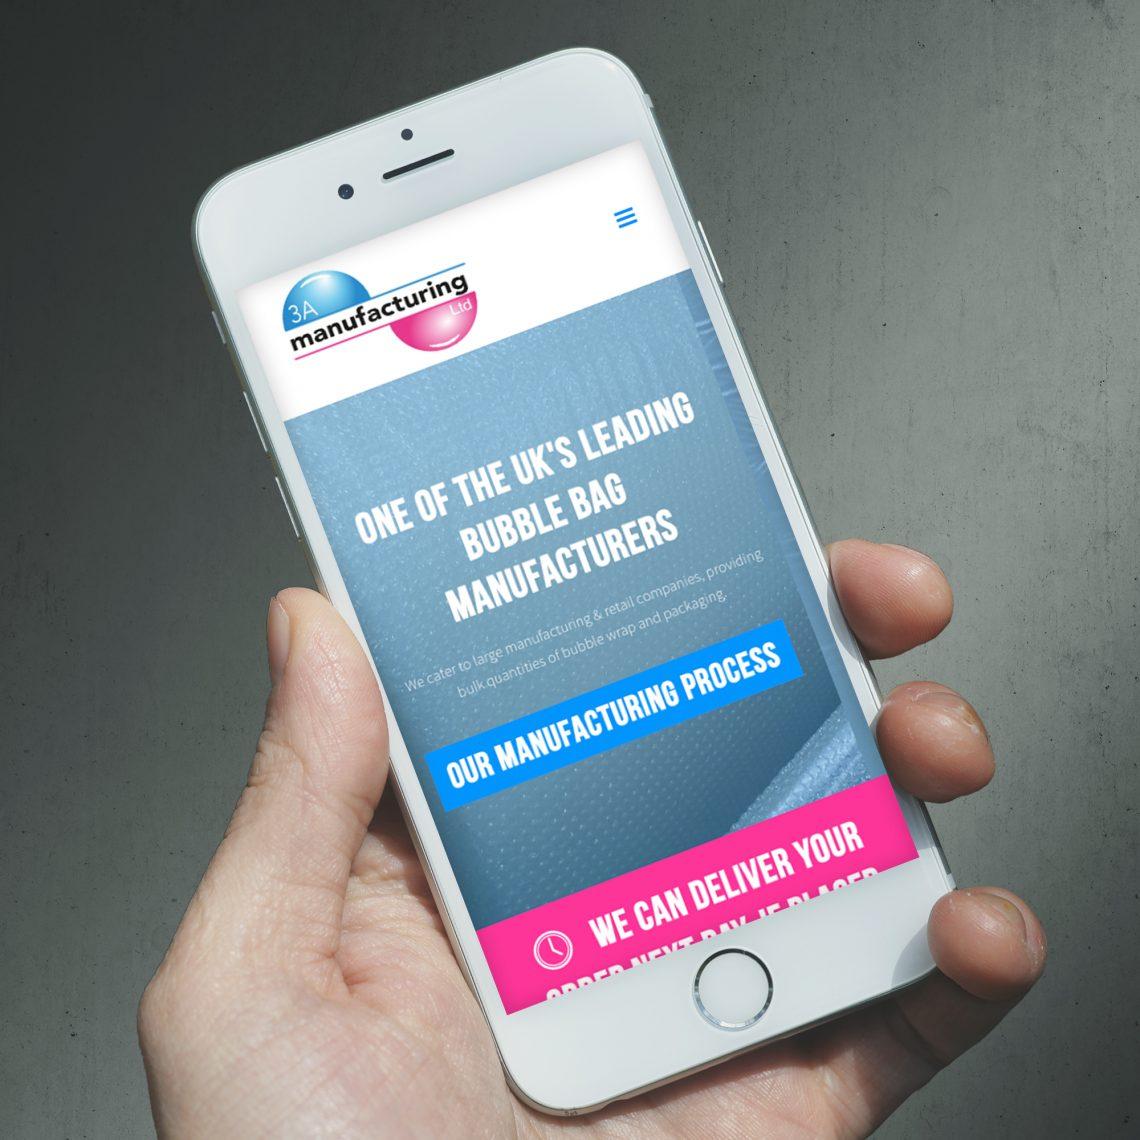 3a Mobile Web Design